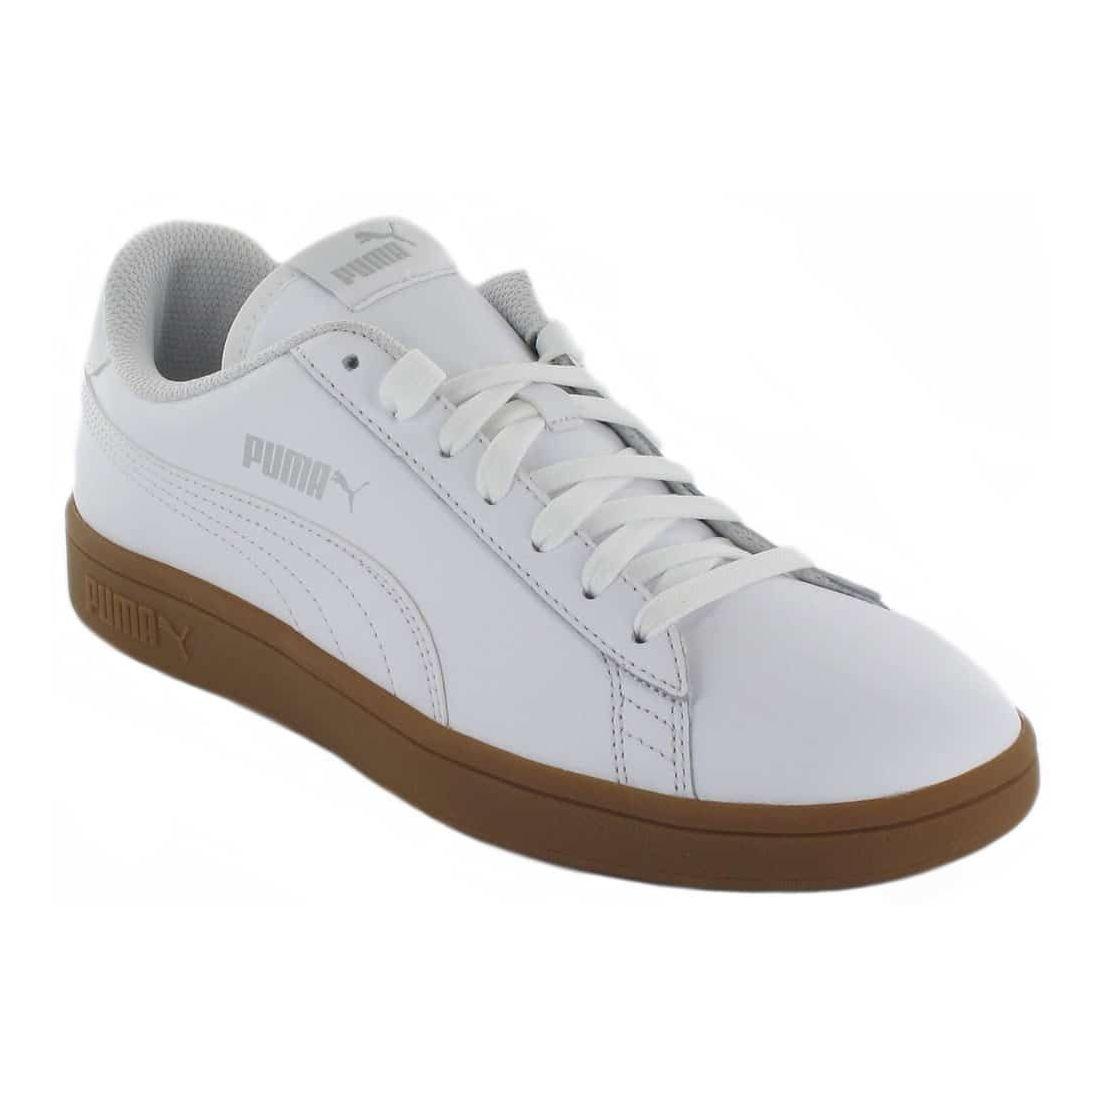 Puma Smash v2 L Blanco Caramelo Puma Calzado Casual Hombre Lifestyle Tallas: 40, 41, 42, 43, 44, 45, 46, 47; Color: